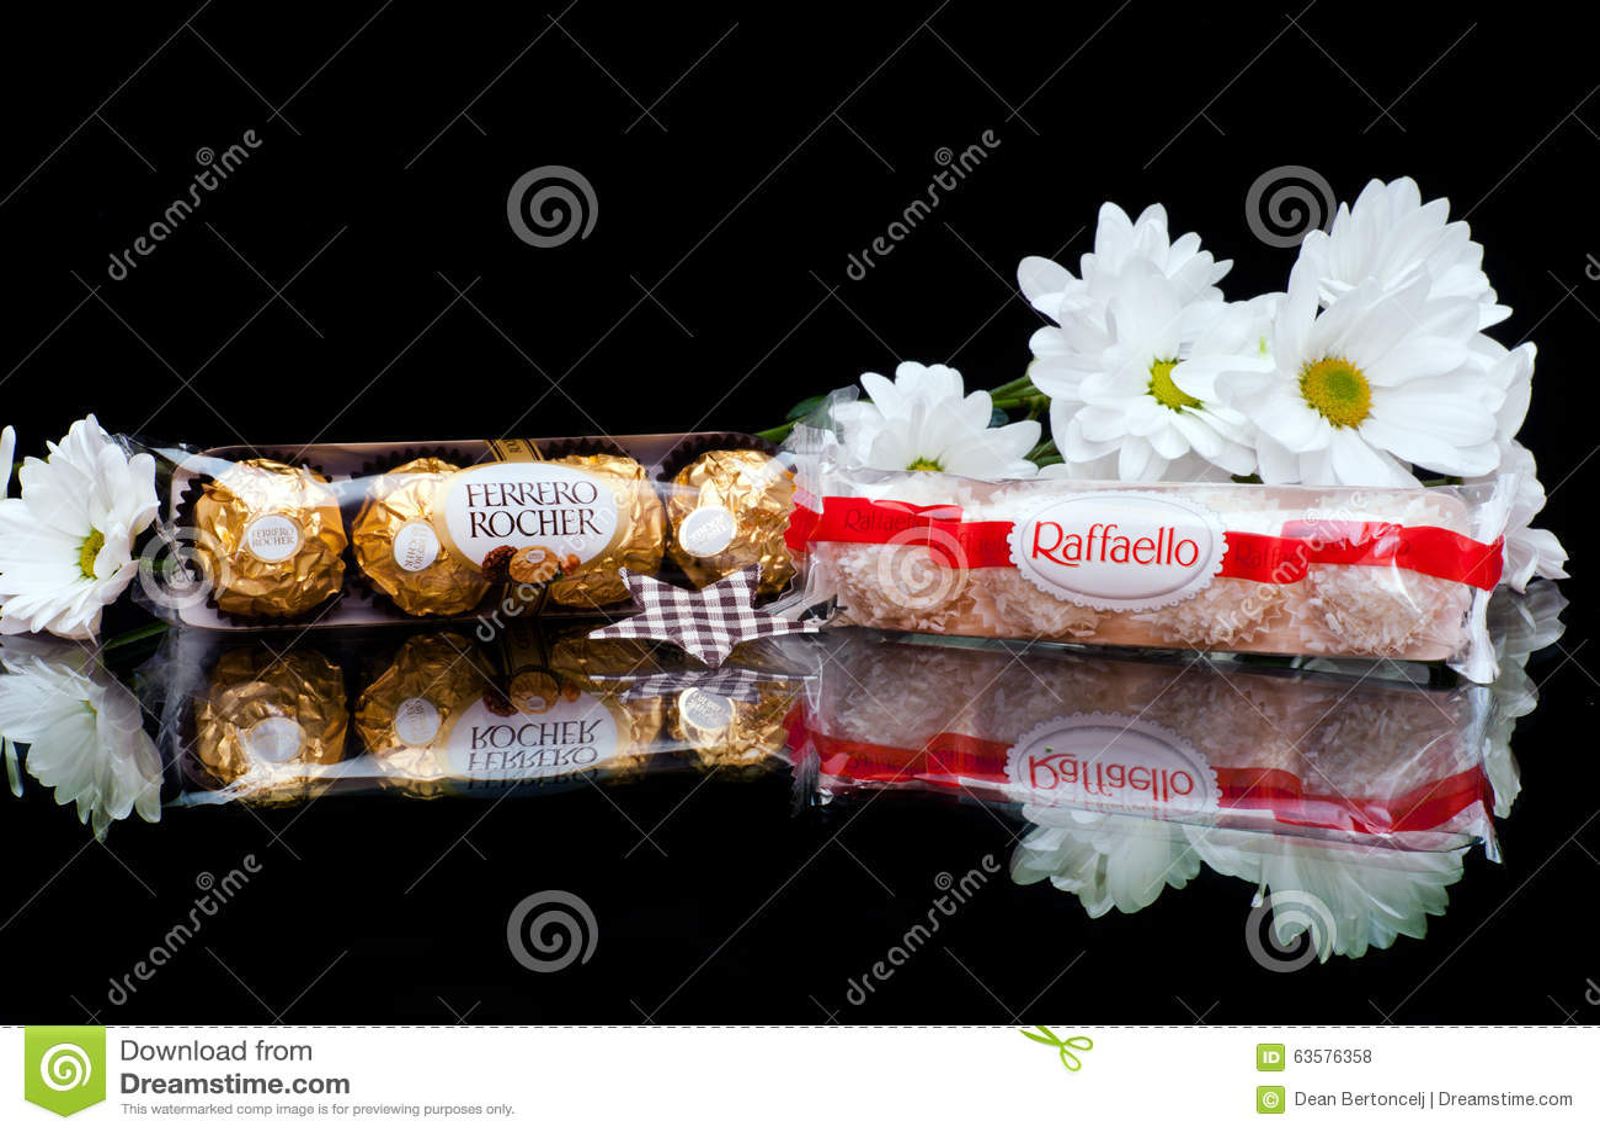 Ferrero Rocher Stock Symbol Image Collections Definition Of Symbolism T24 Coklat 24pcs And Raffaello Editorial Photo Bars